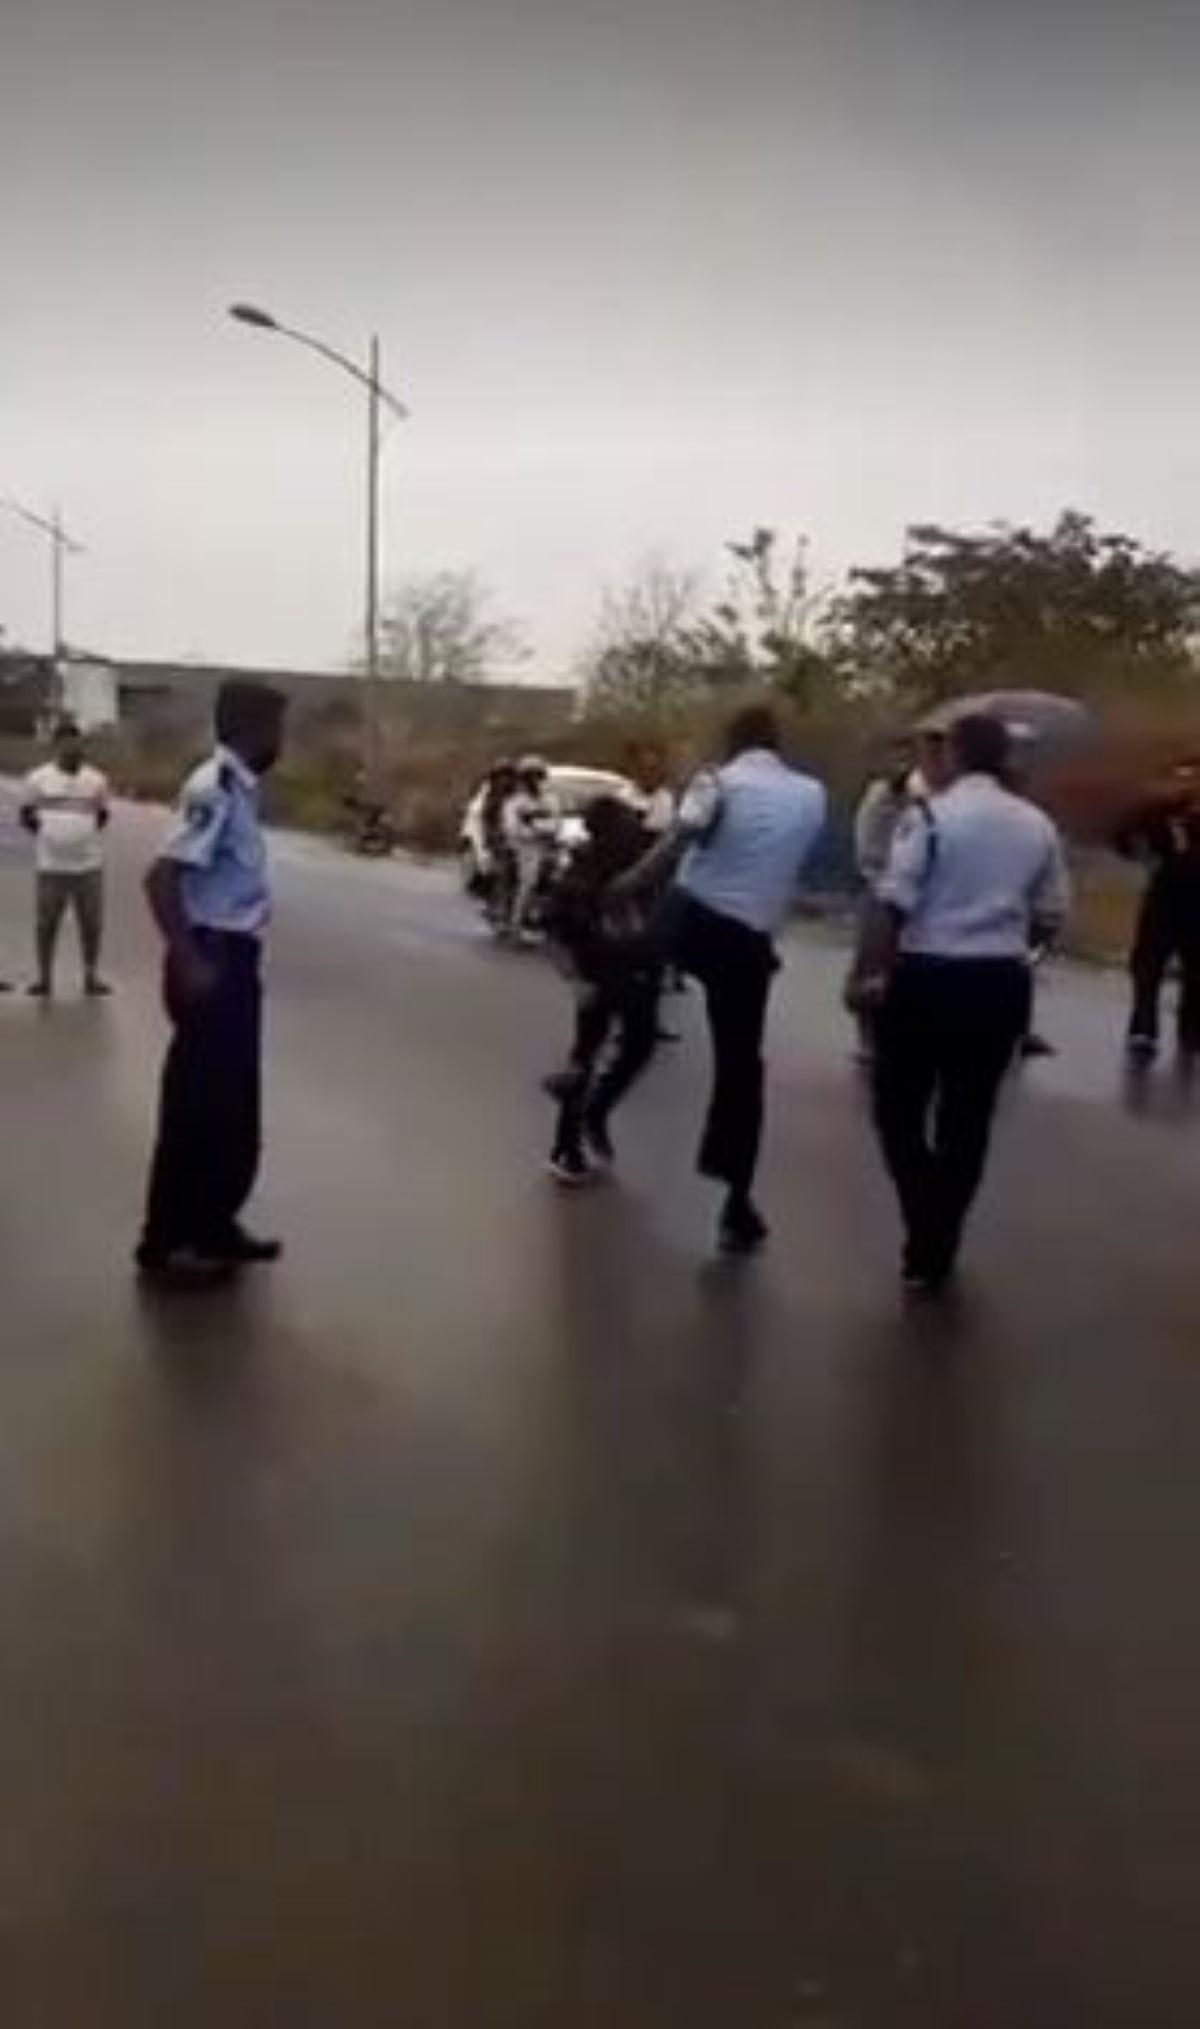 [Vidéo] Fast and Furious à Jin Fei : les gifles et un coup de pied par un policier font polémique